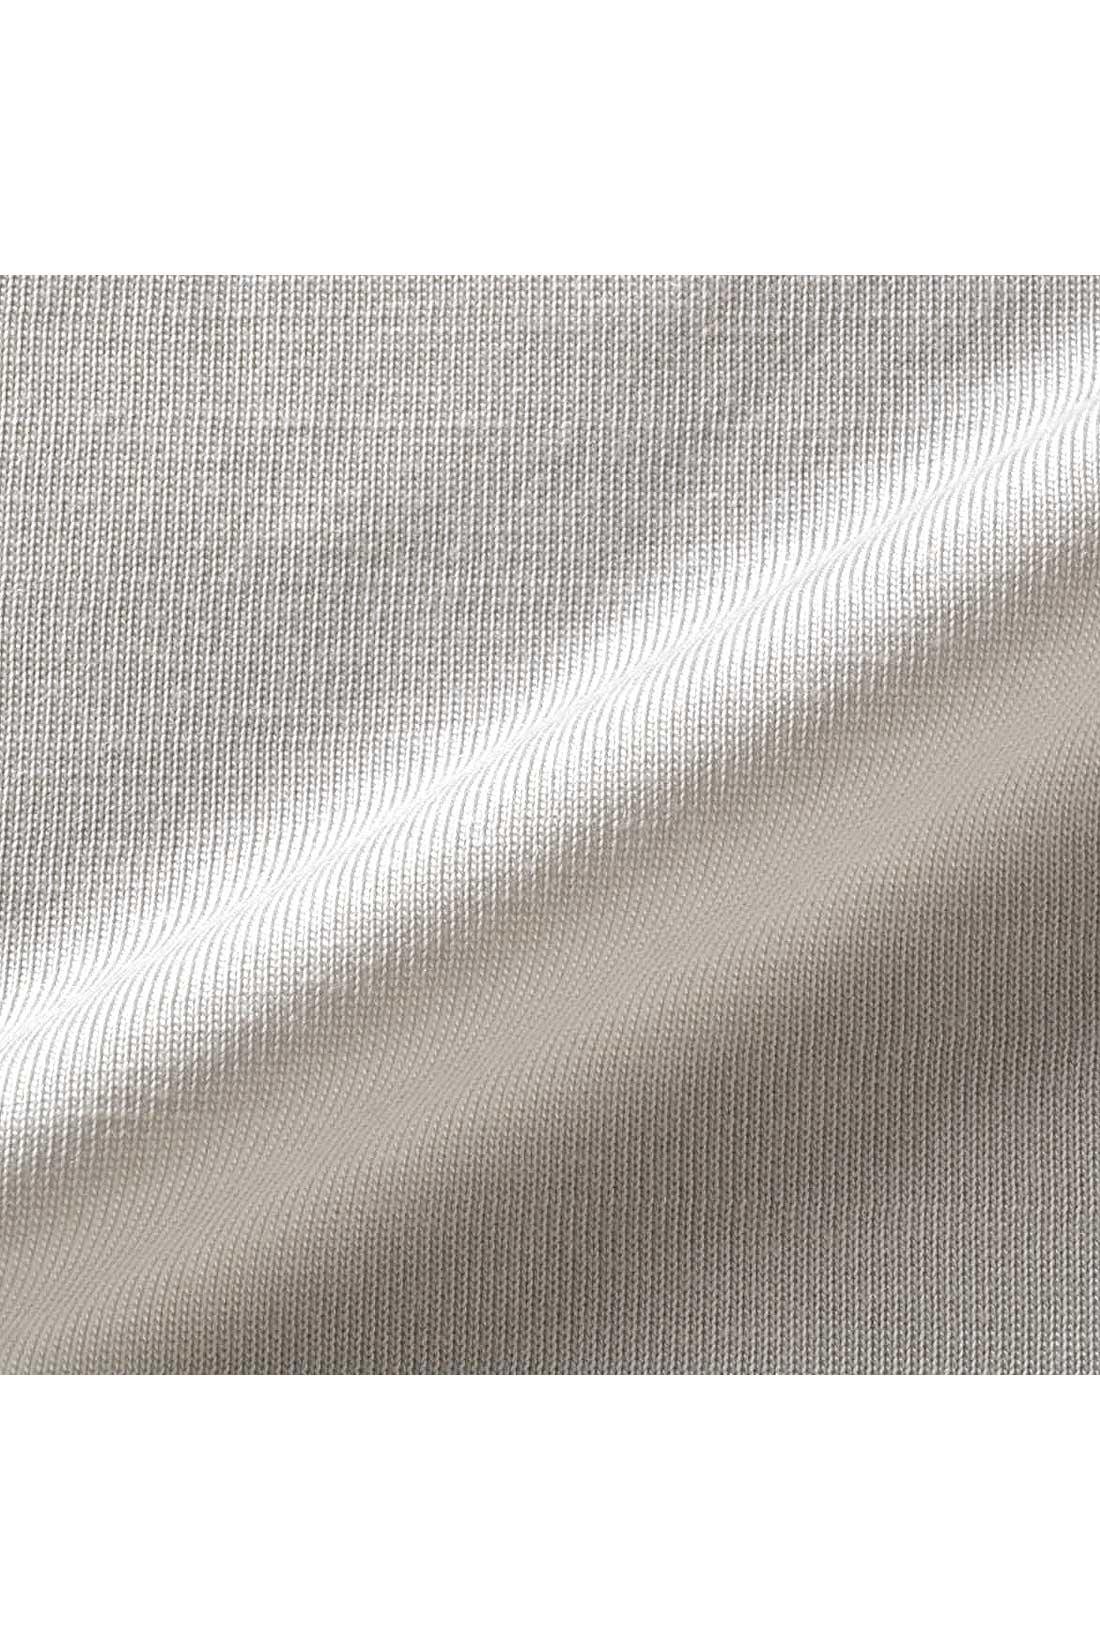 上質なテンセル(R)混素材のカットソーは肌にしっとり寄り添うやわらかさ。